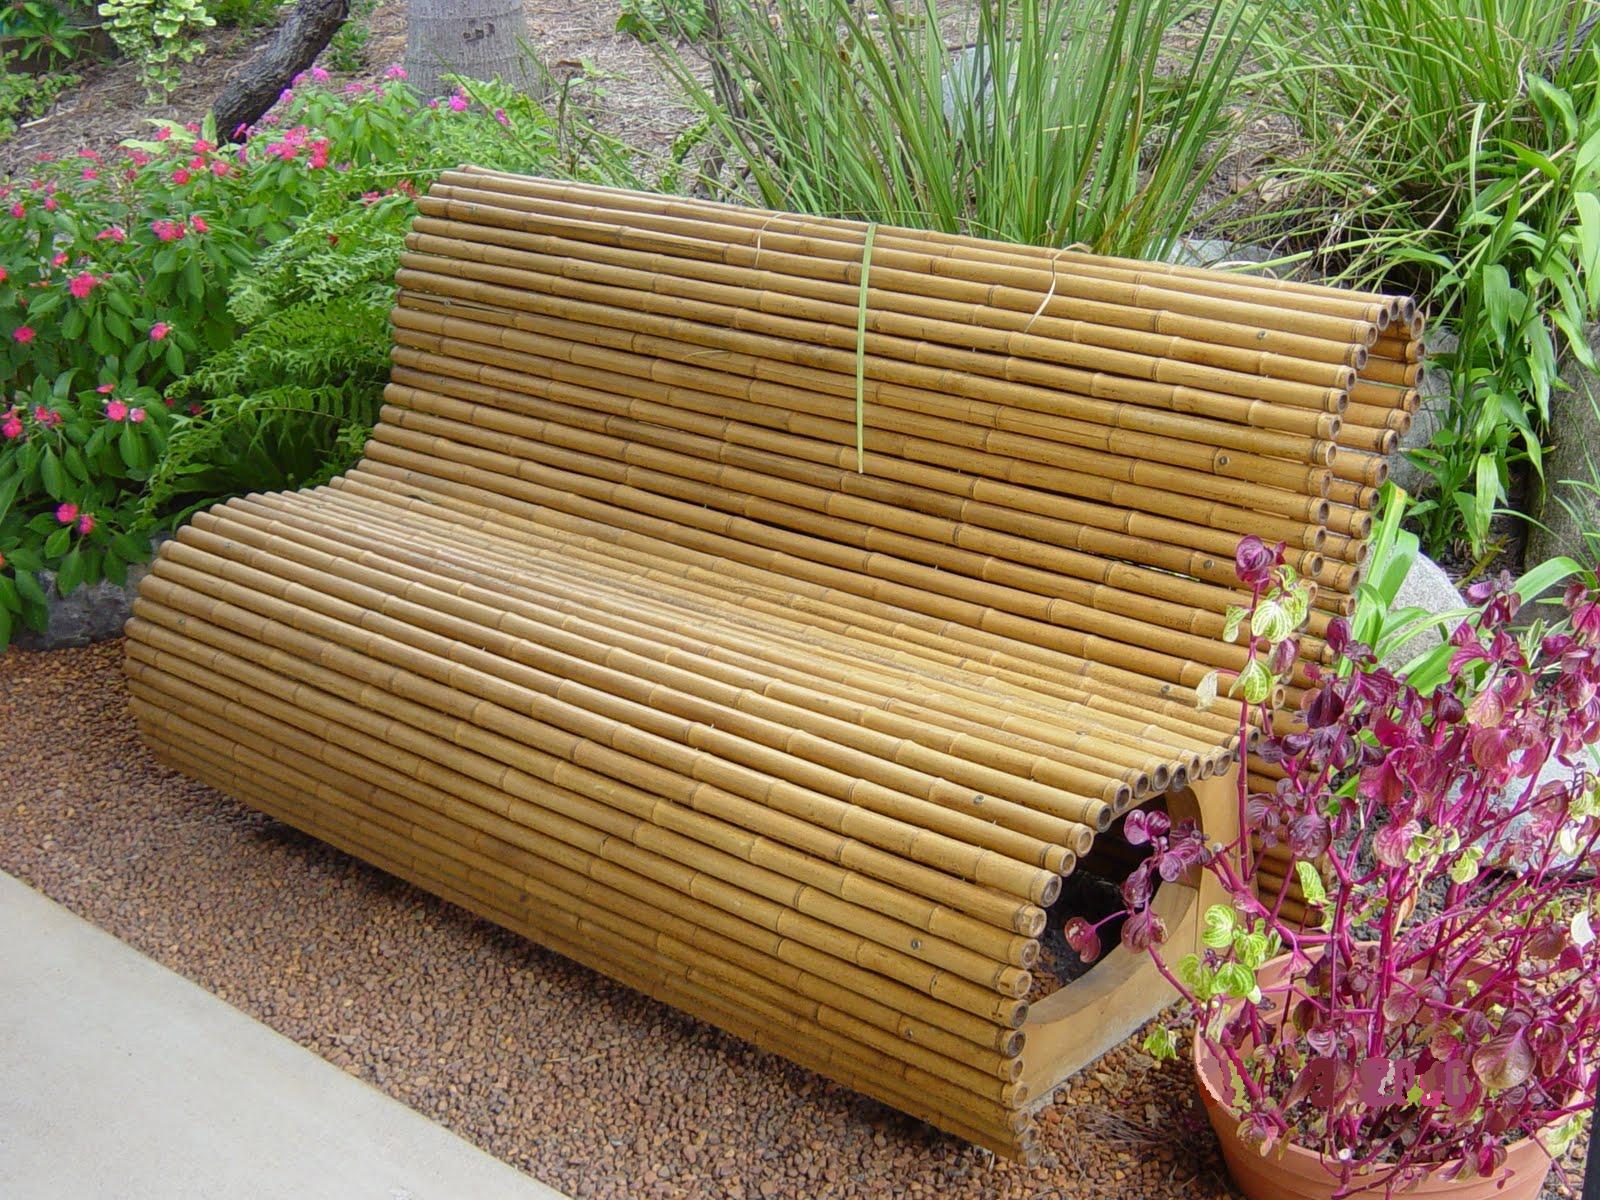 25 Idées De Décorations En Bambou Pour Apporter Une Touche Naturelle